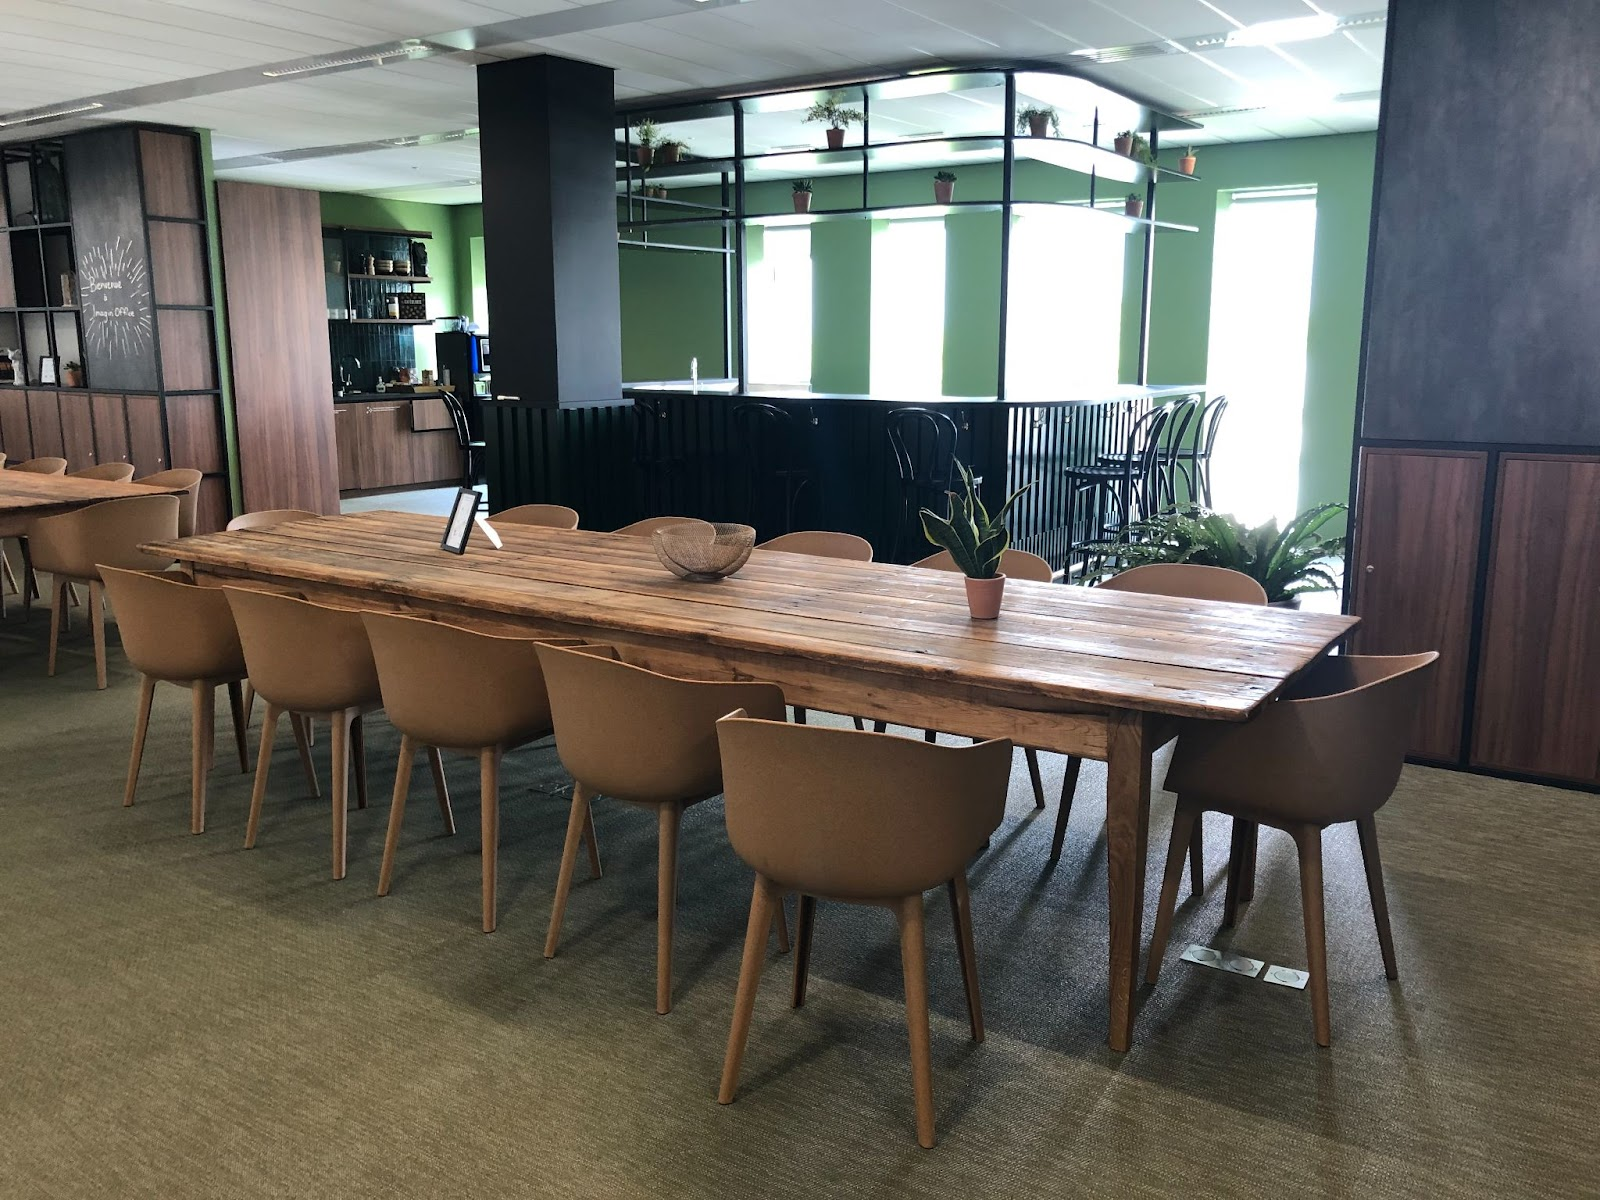 espace cafétéria entreprise avec tables conviviales en bois et espace bar